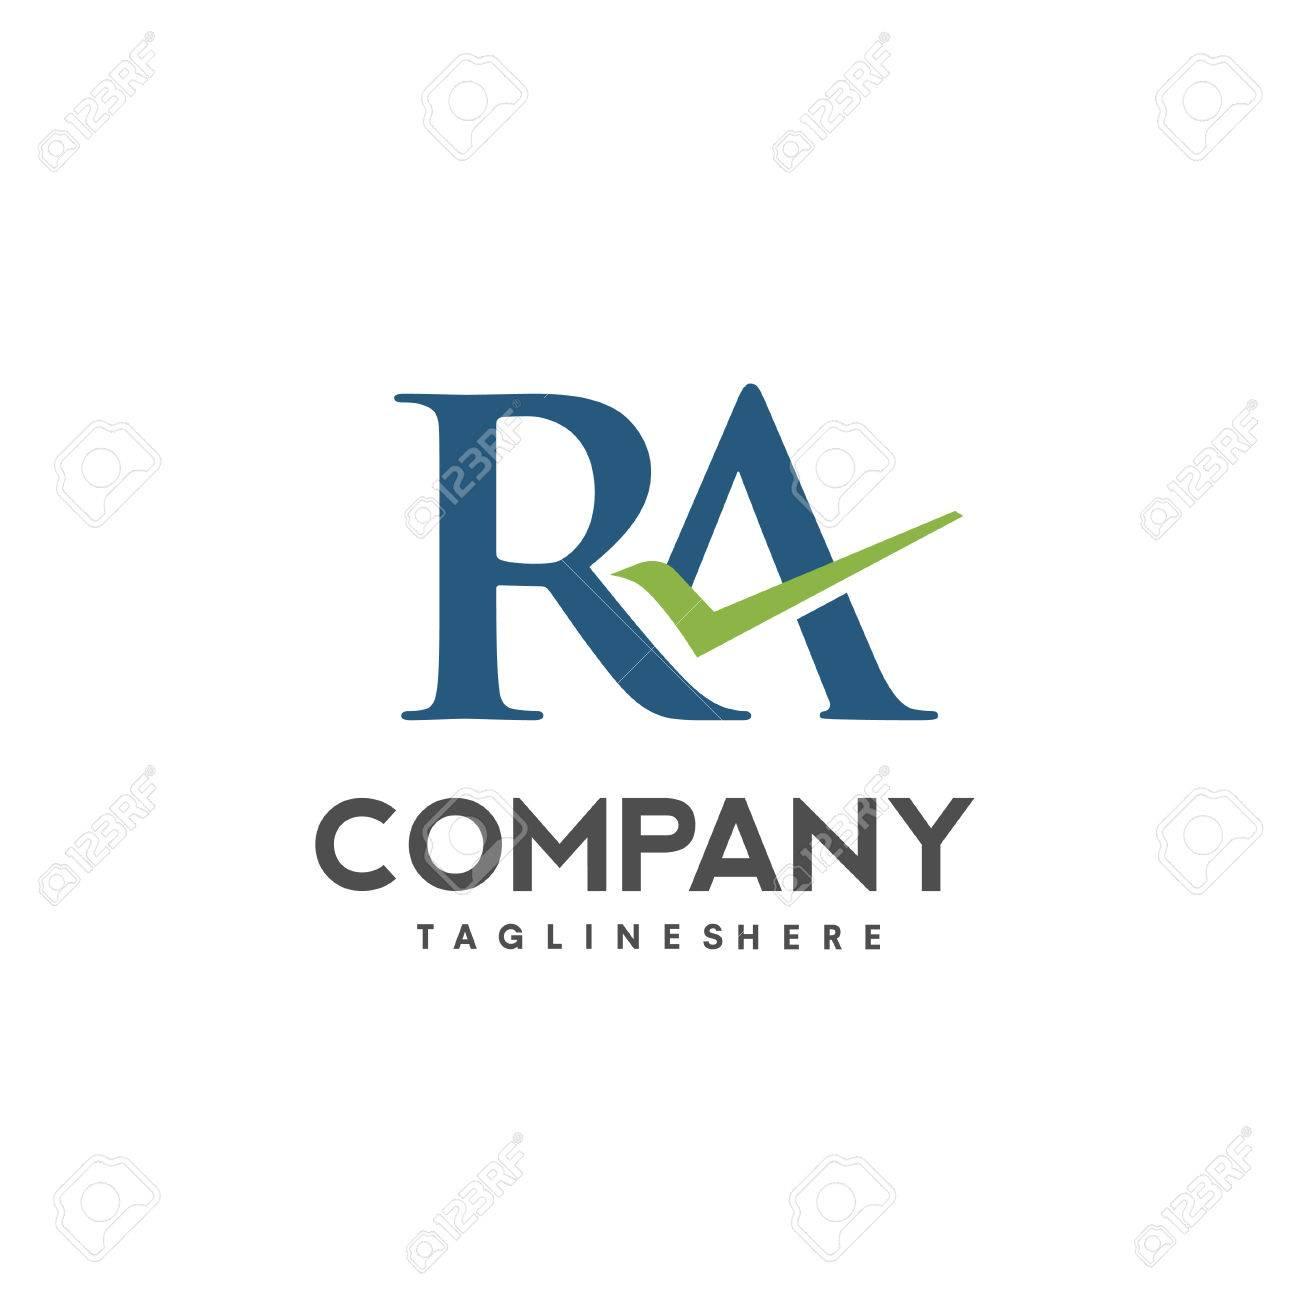 Ra letter logo design vector illustration template r letter ra letter logo design vector illustration template r letter logo vector letter r and altavistaventures Image collections